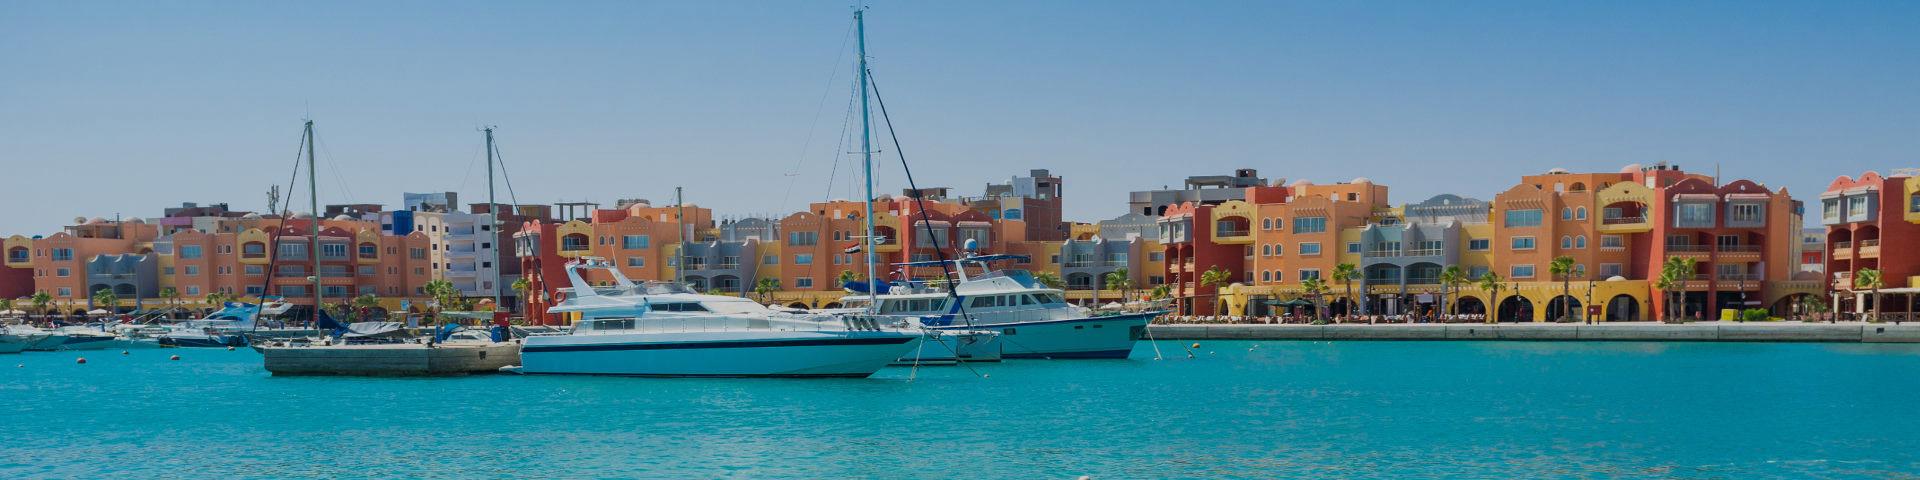 Hurghada hero edit